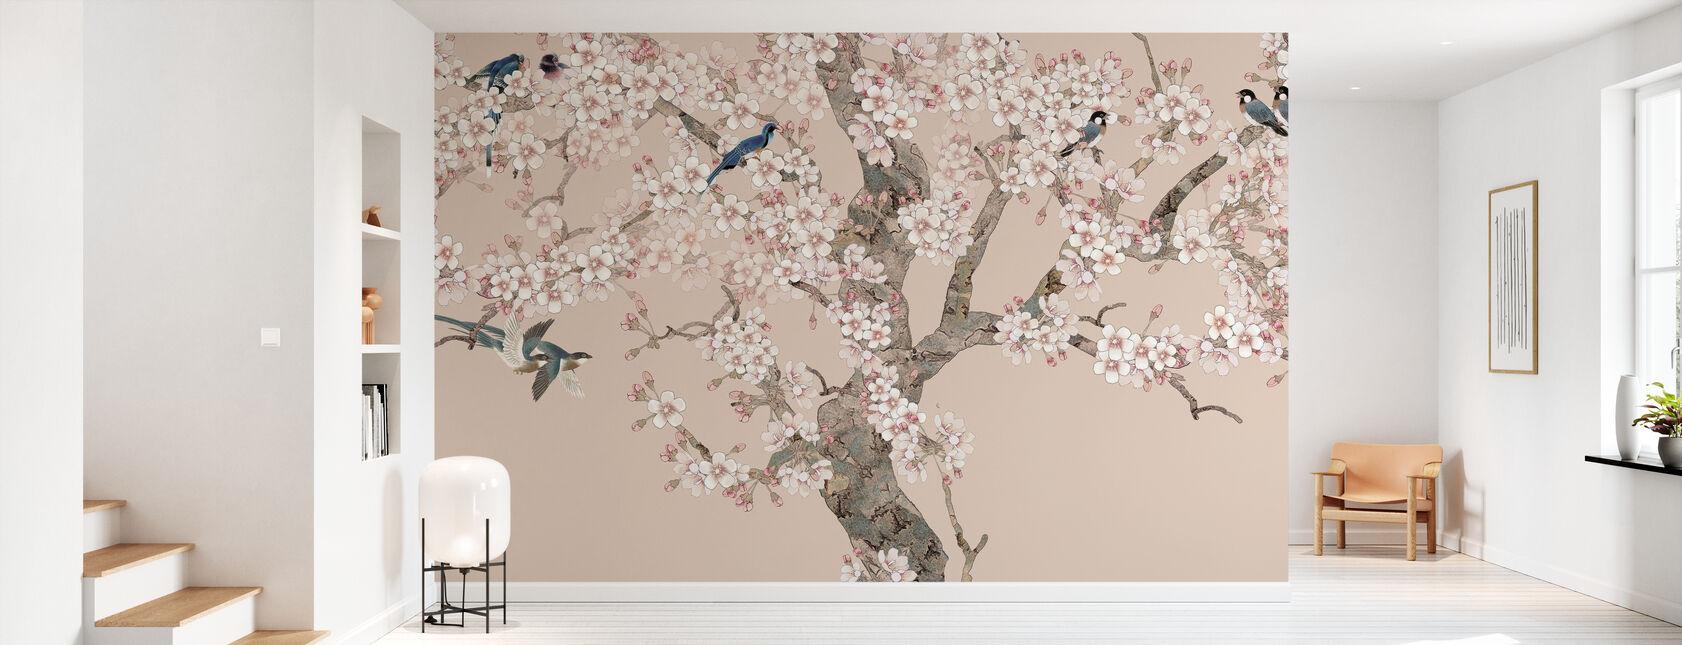 Doux Birds Home - Peach - Wallpaper - Hallway